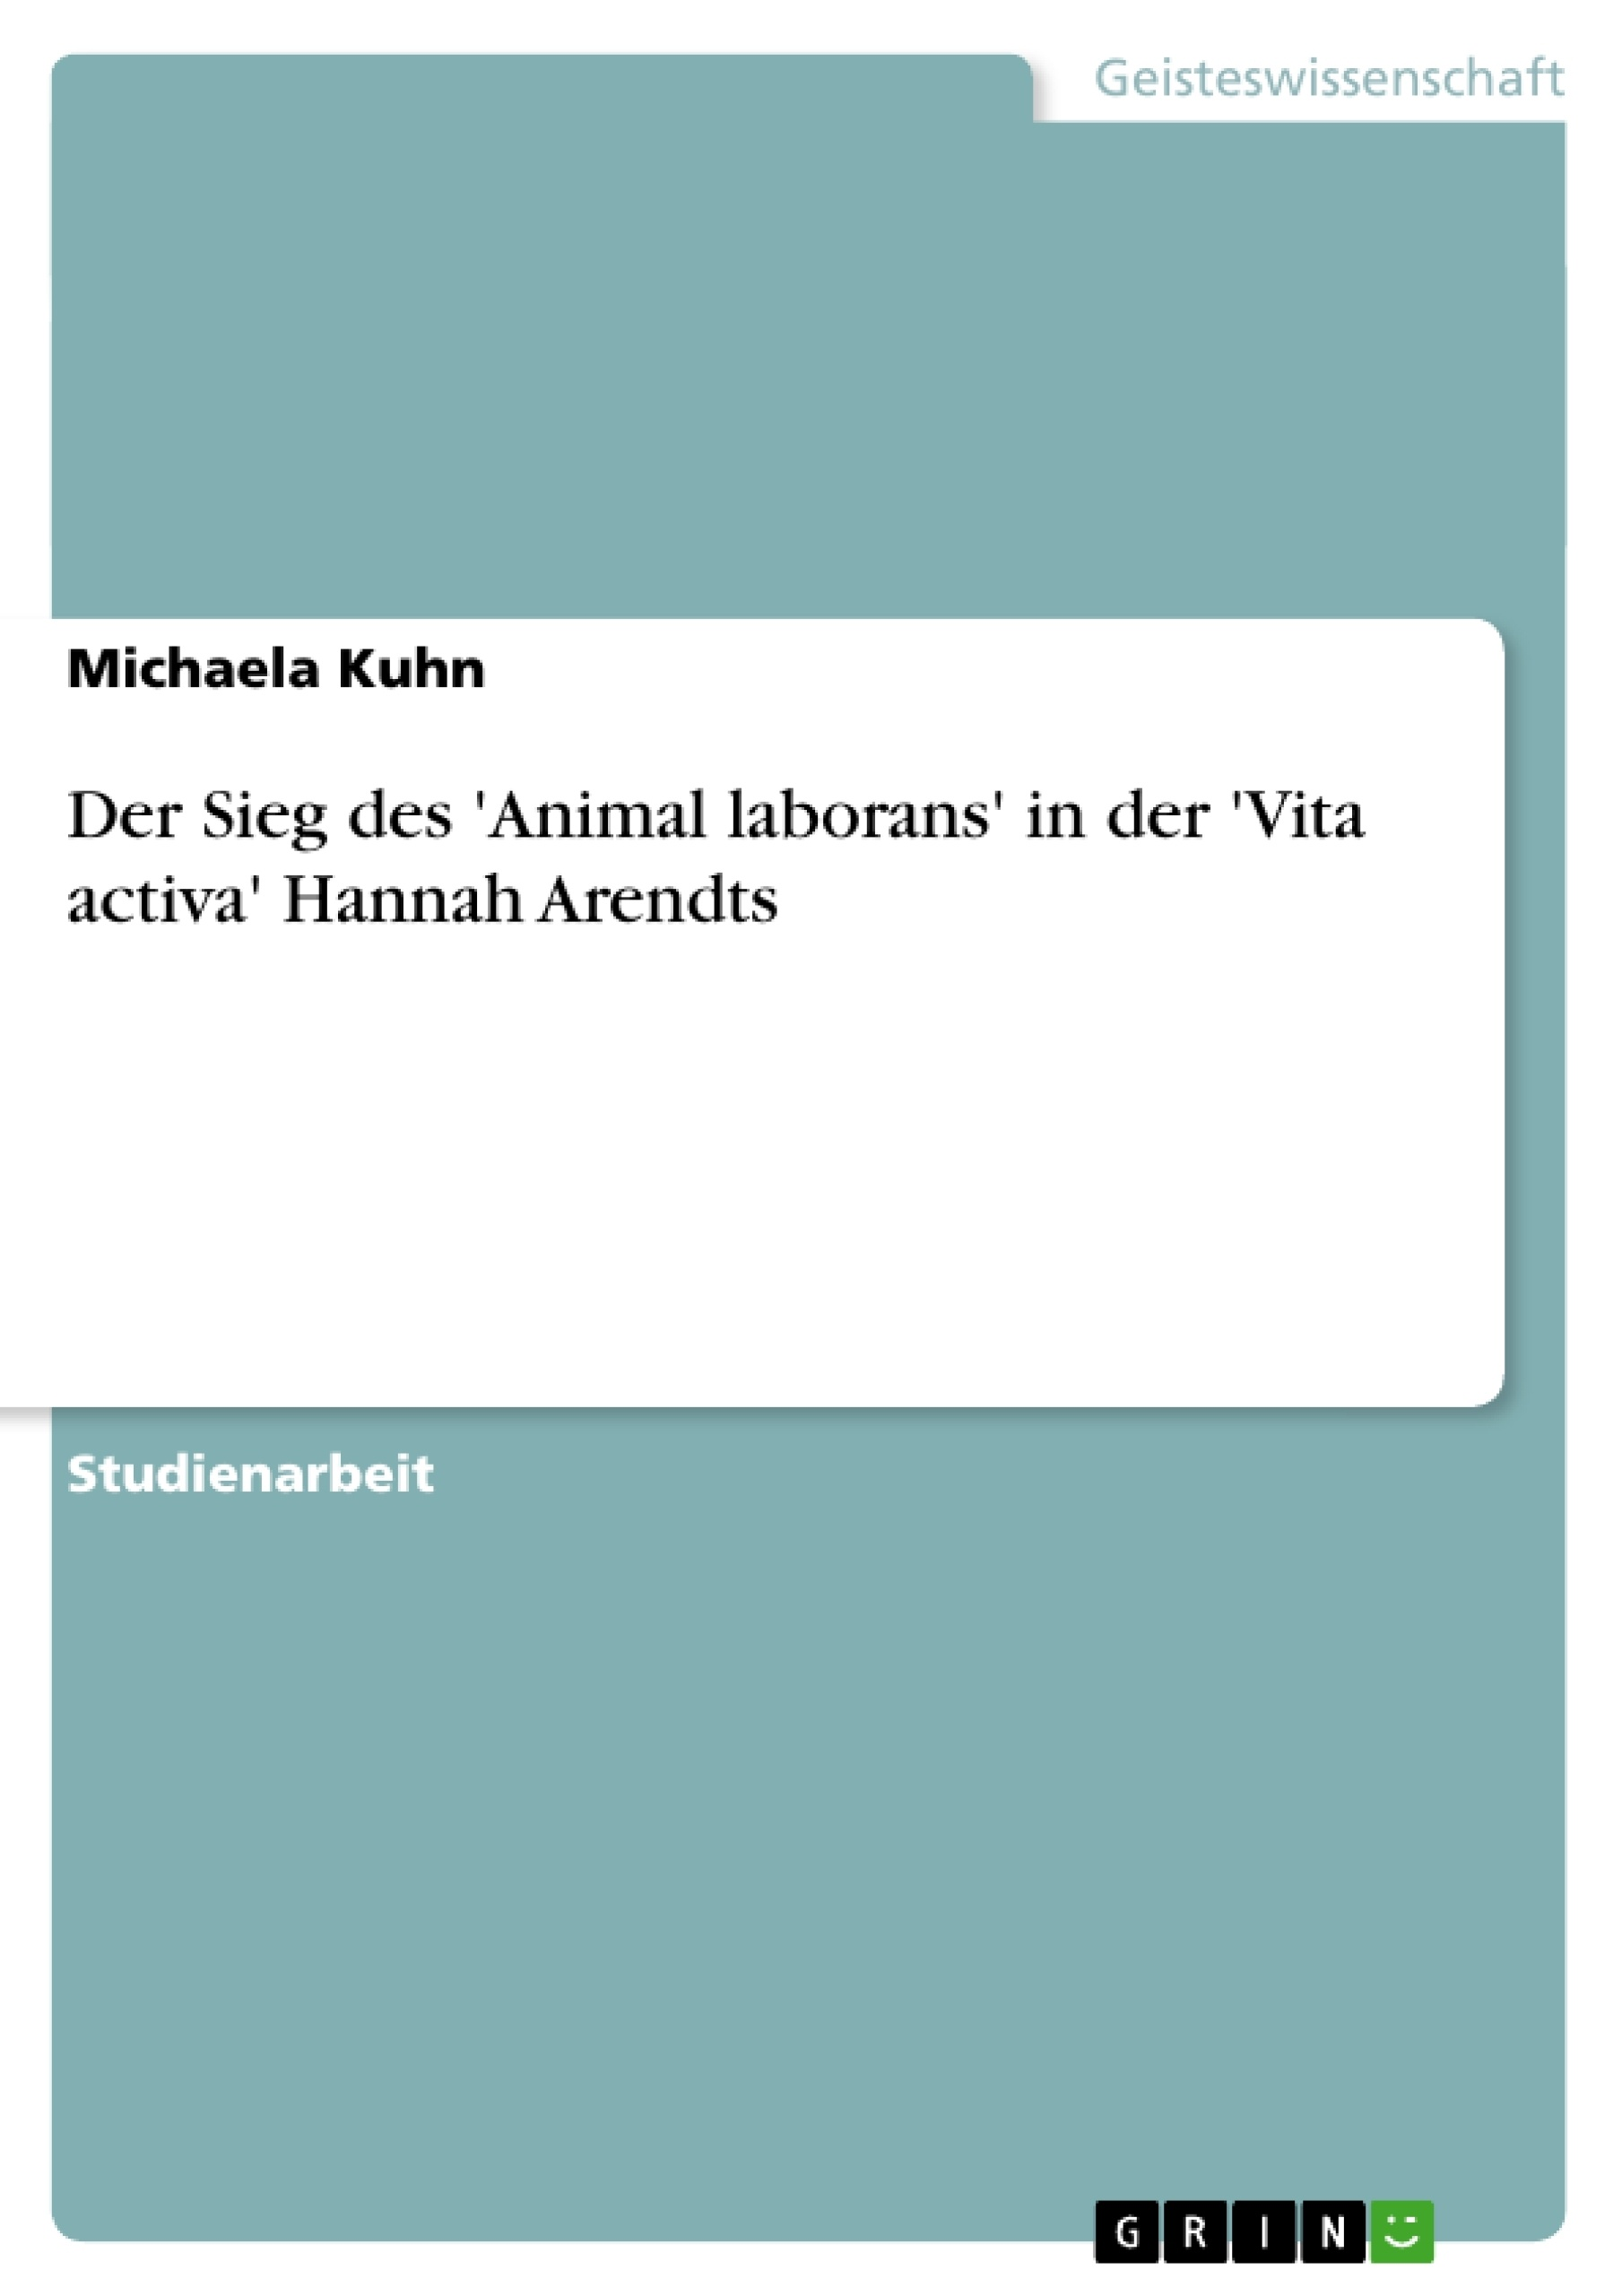 Titel: Der Sieg des 'Animal laborans' in der 'Vita activa' Hannah Arendts